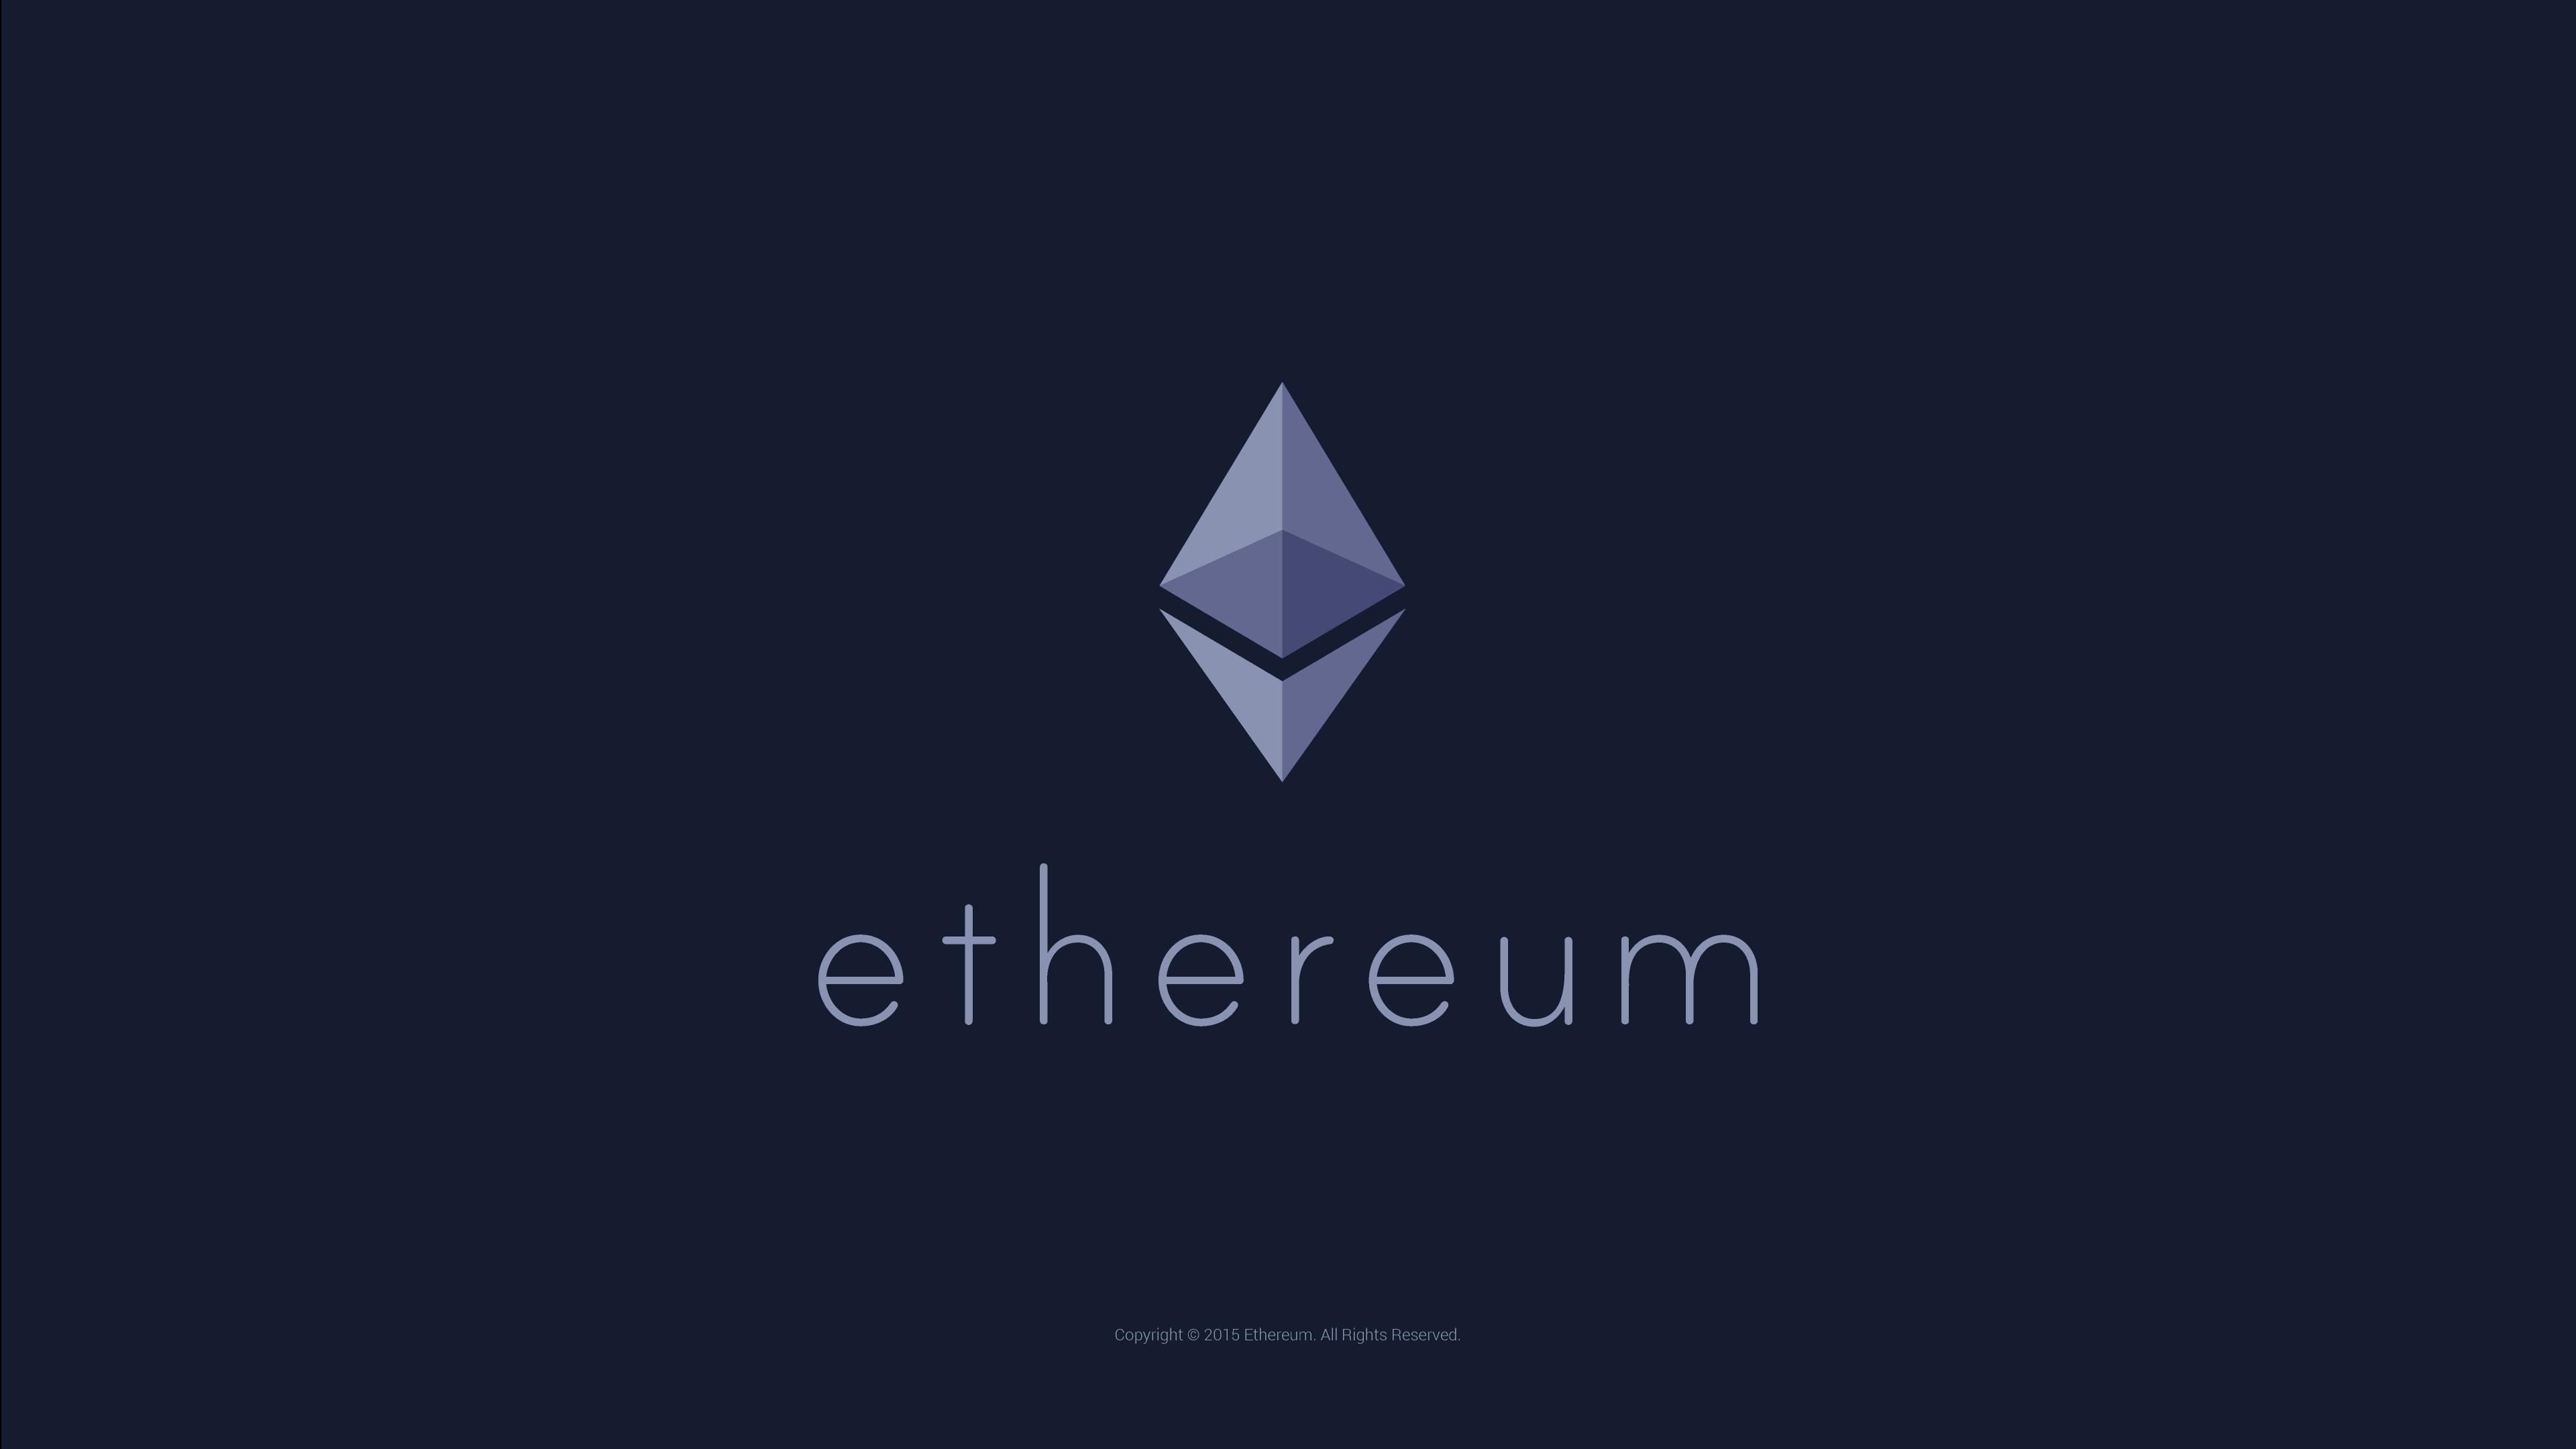 Bitcoin Node Tipping Ethereum Wallpapers PEC Nature Camp 3840x2160